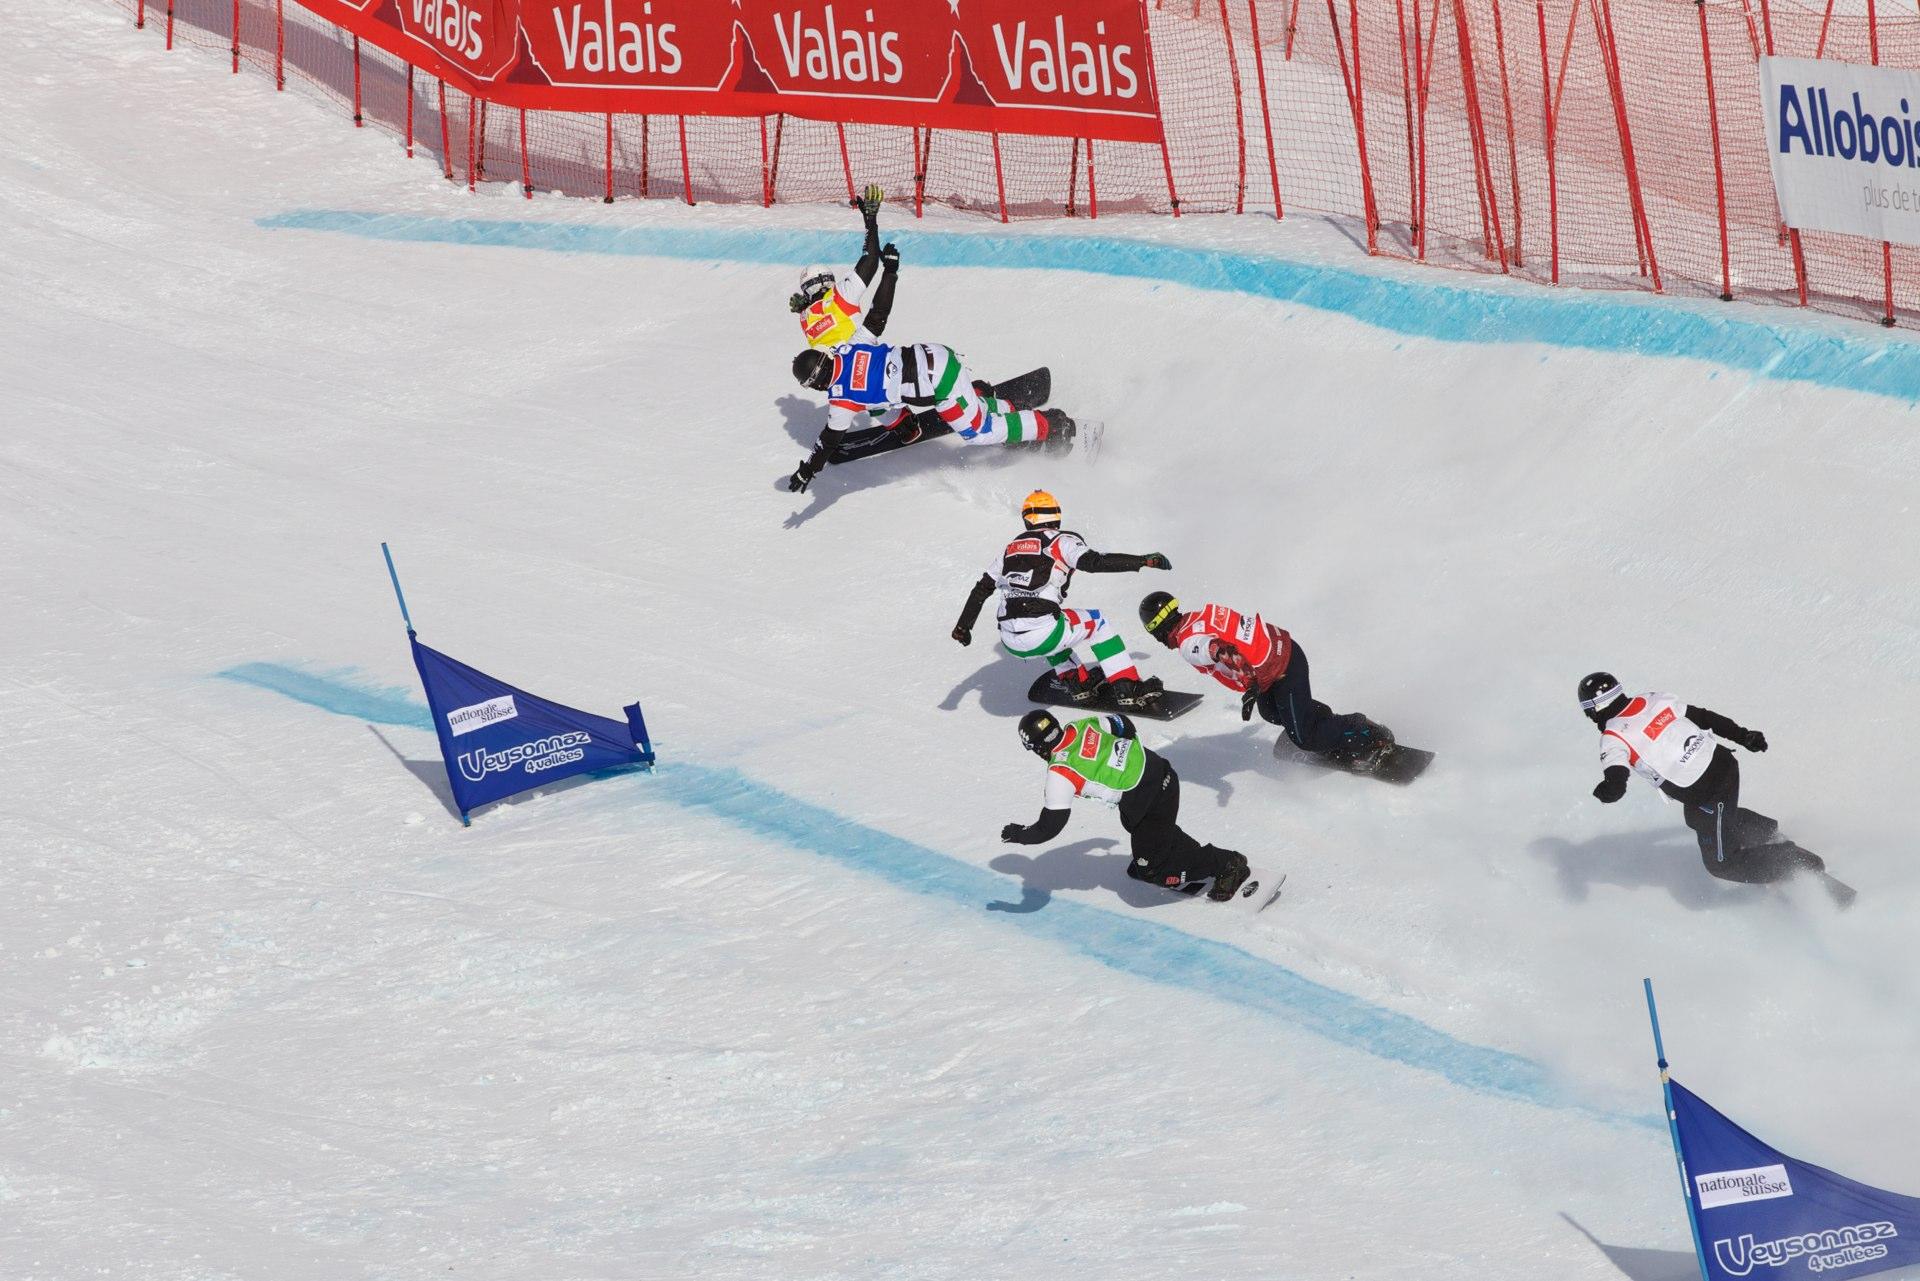 Finale des SBX World Cup Veysonnaz